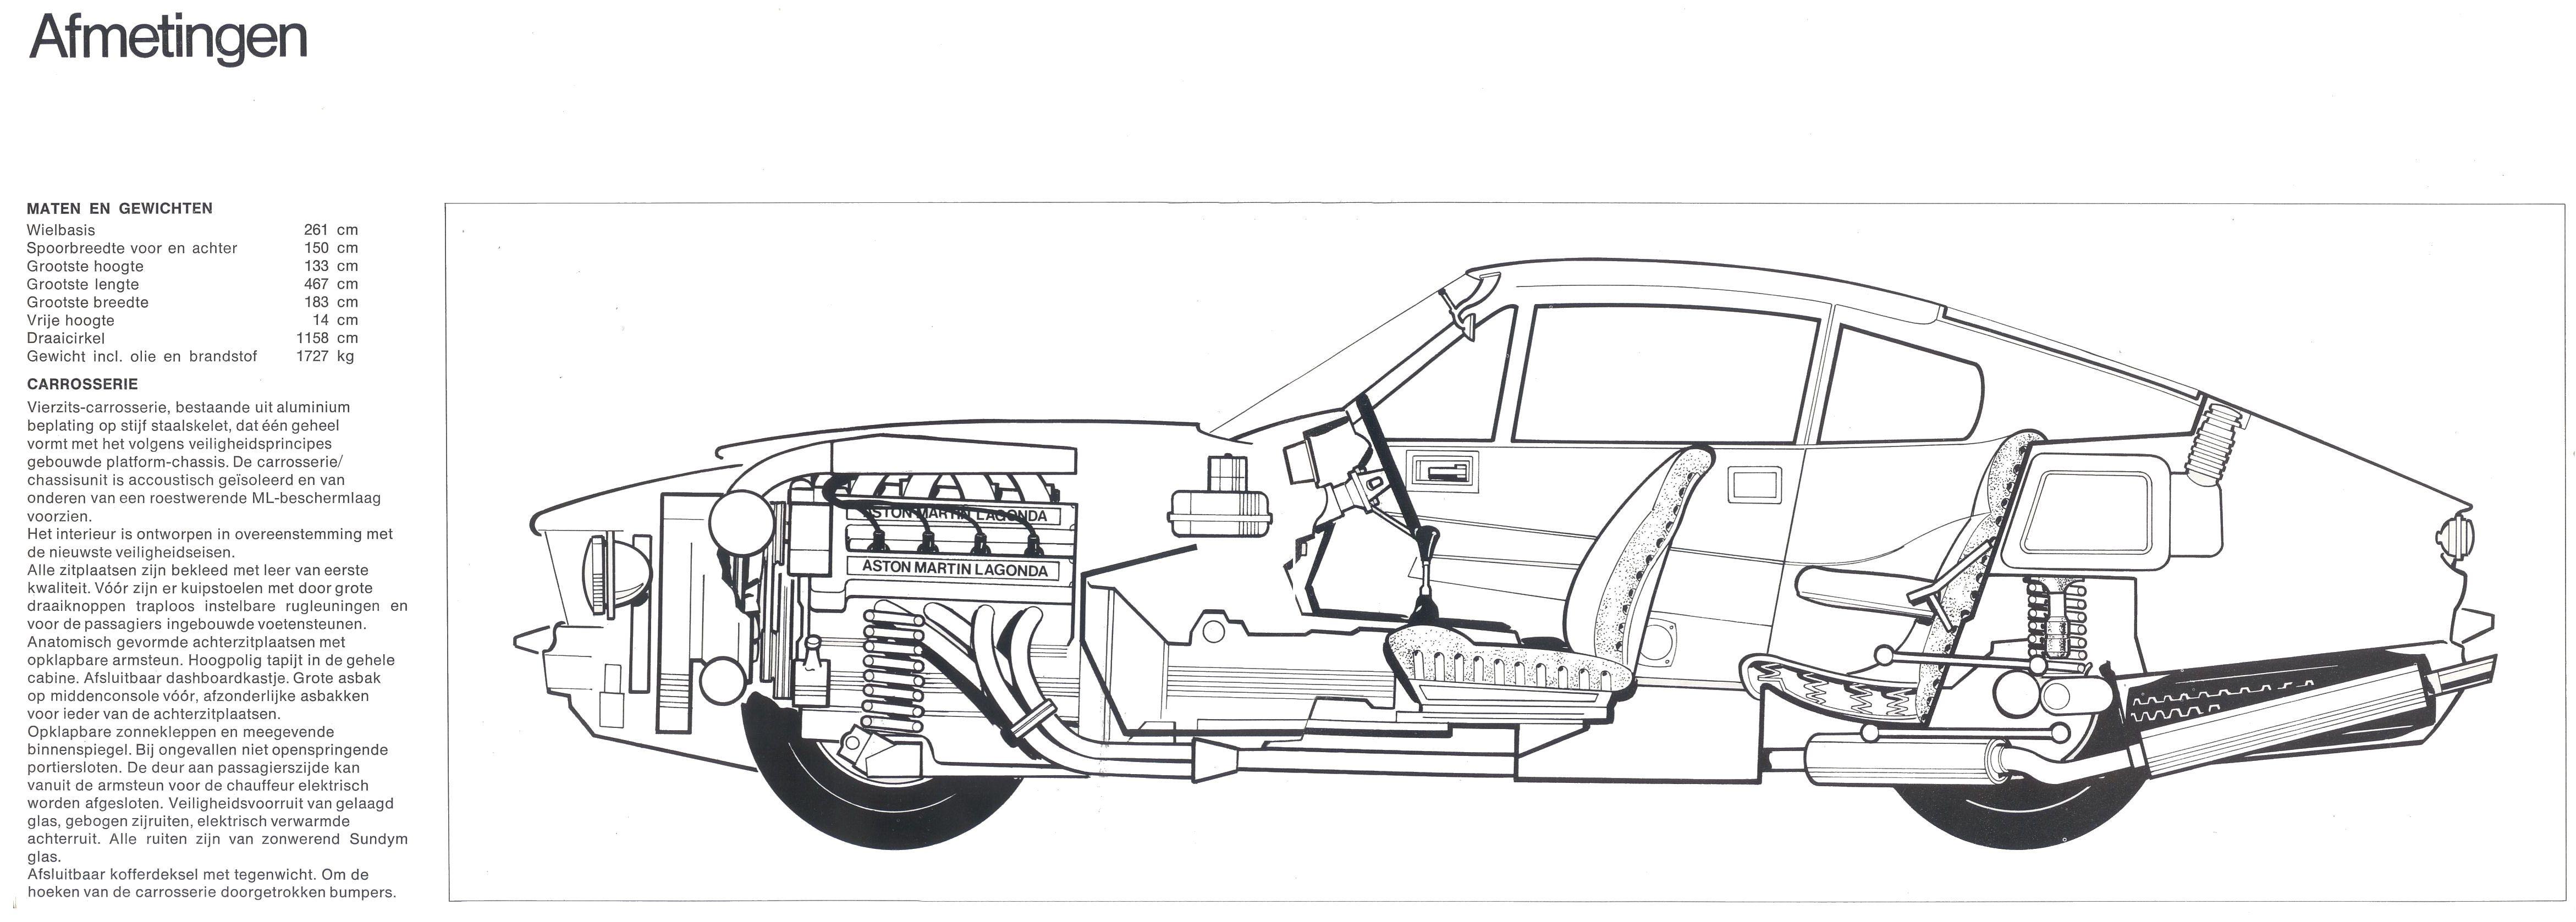 1978 Aston Martin V8 brochure